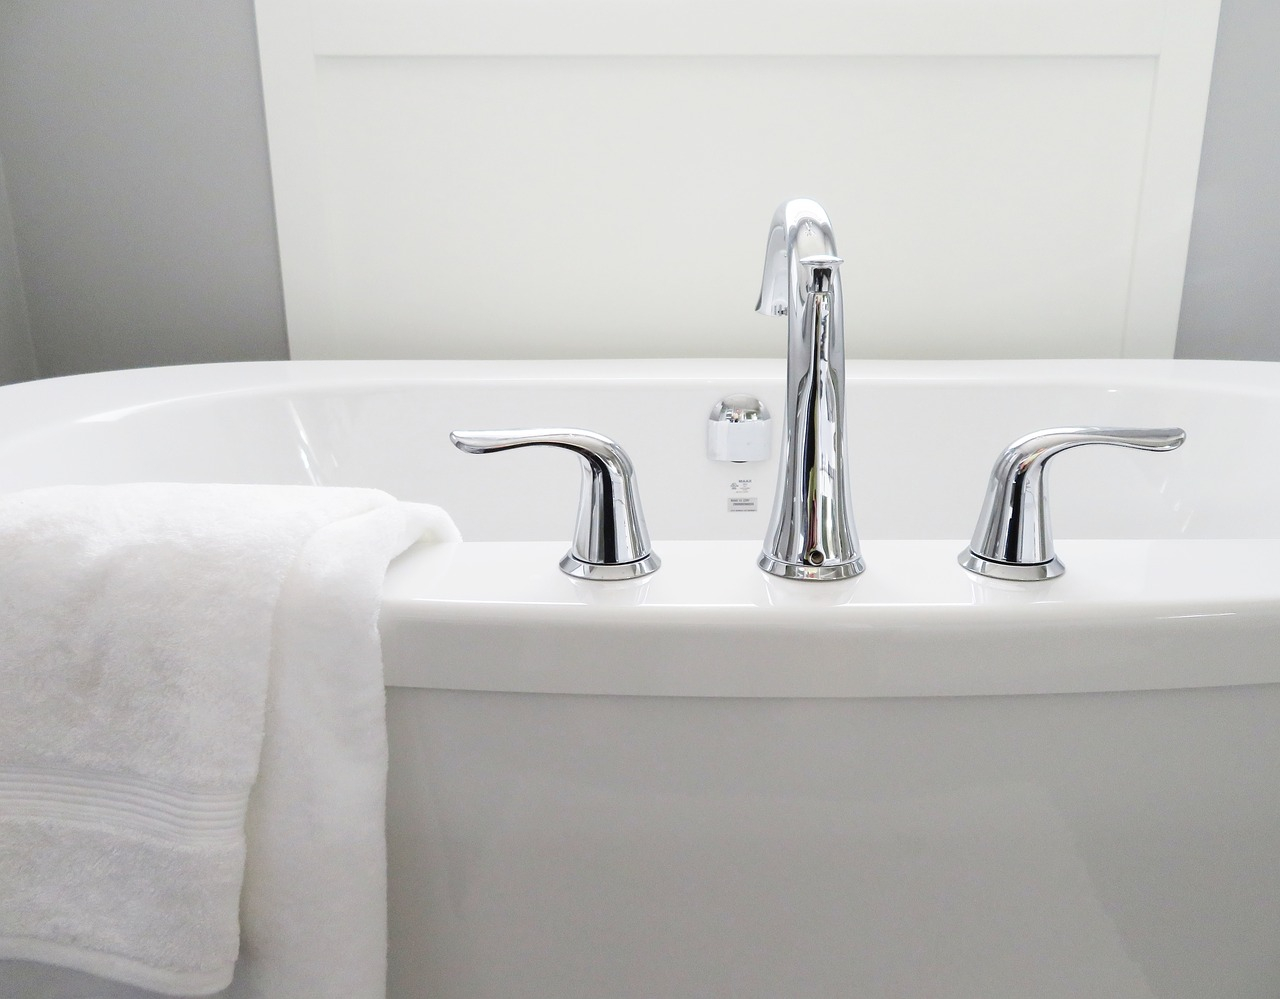 Le vasche premier deluxe vasche da bagno per disabili e per anziani